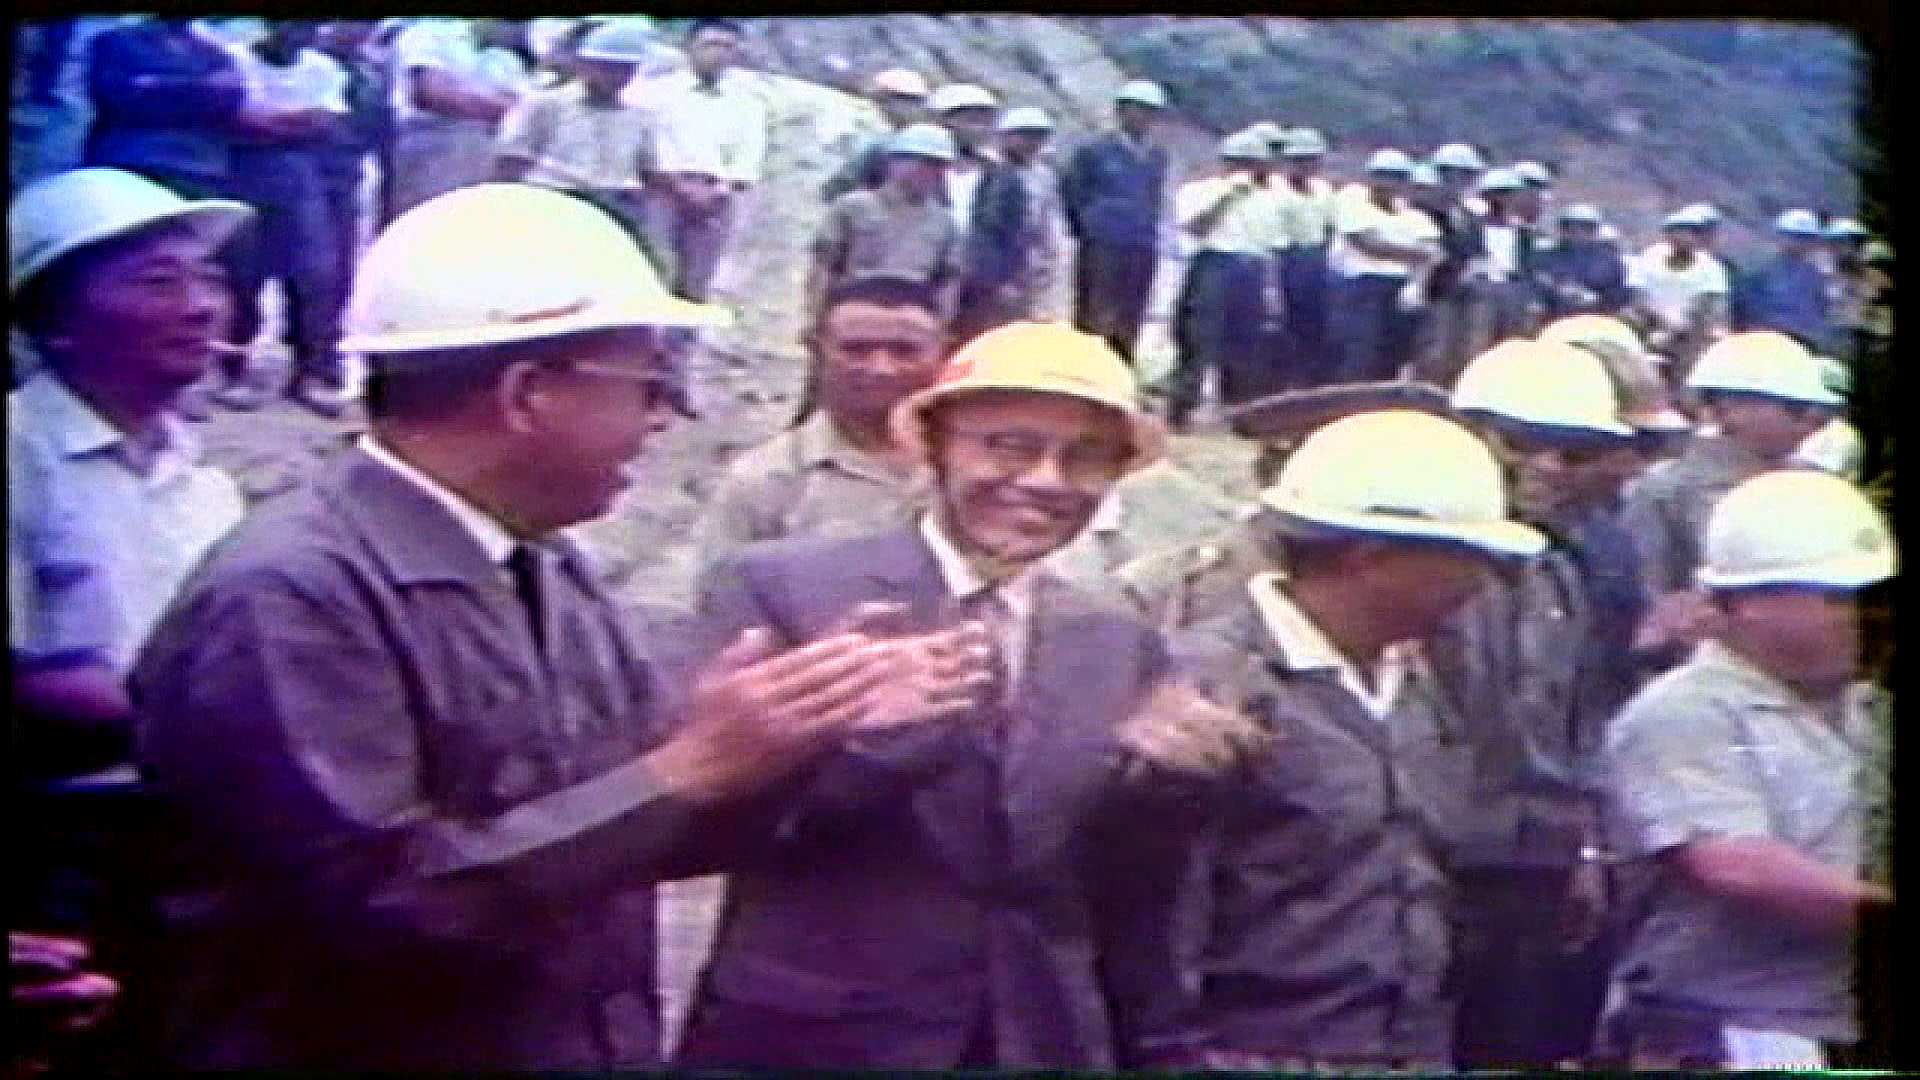 榮工處承建之曾文水庫於民國59年10月31日大壩奠基典禮